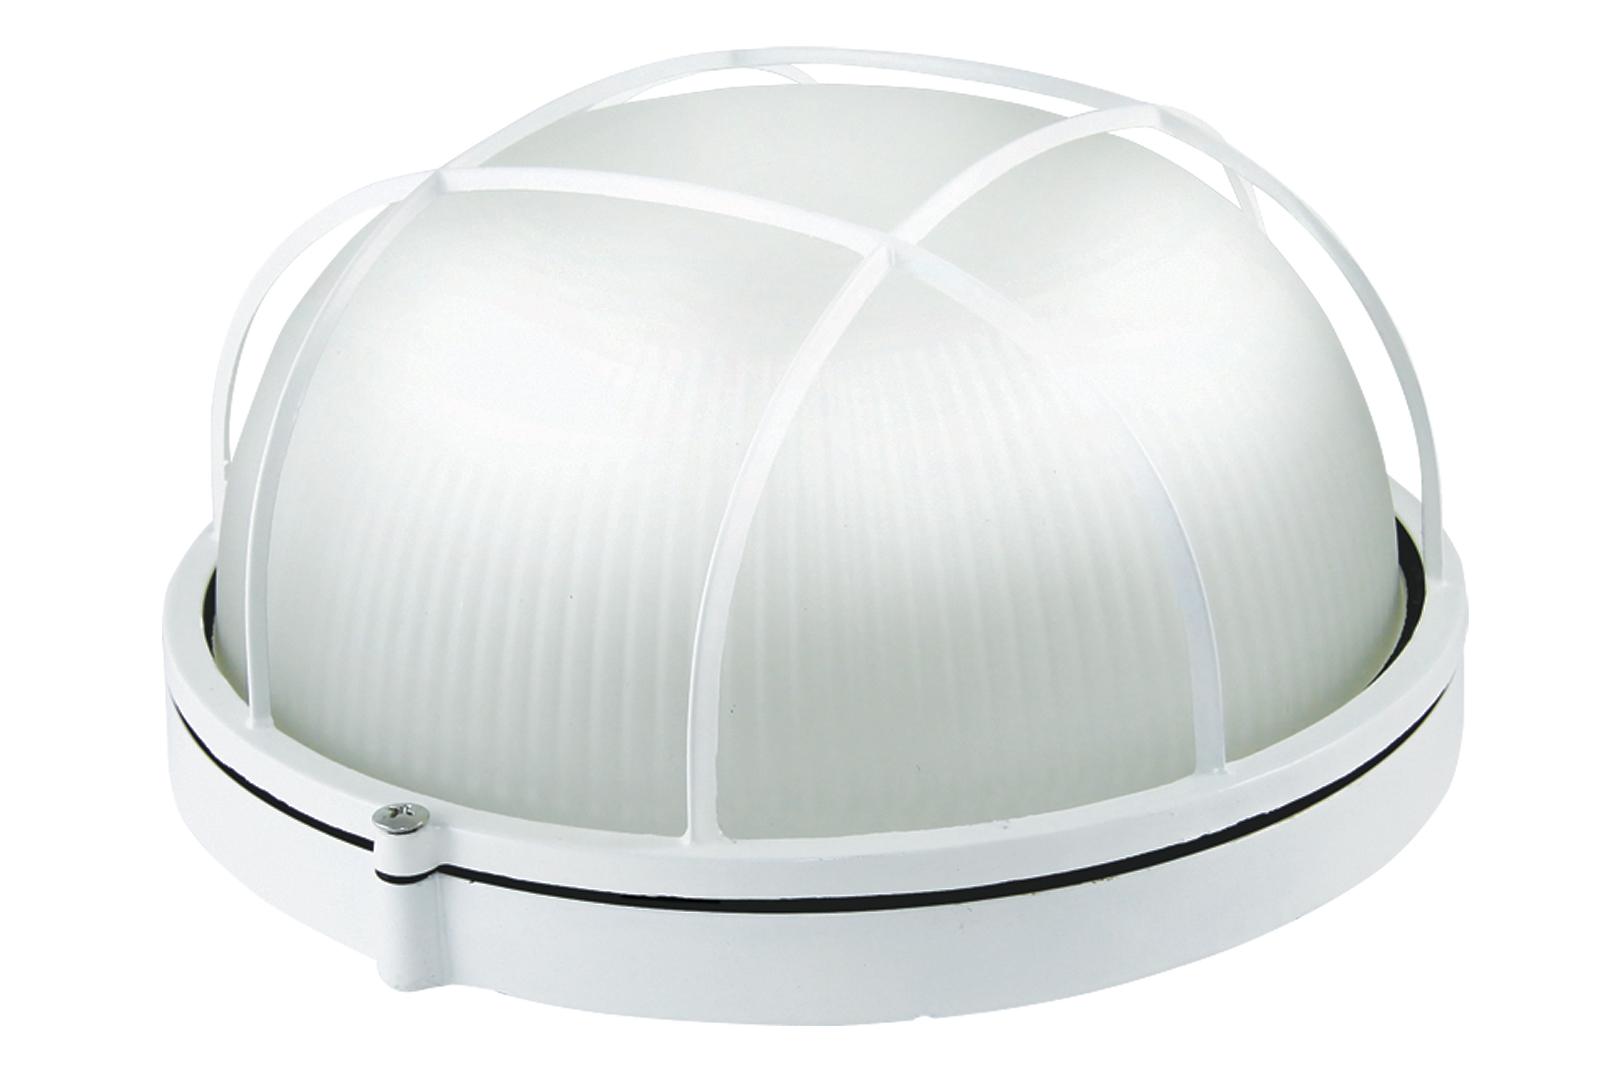 Светильник настенно-потолочный ТДМСветильники офисные, промышленные<br>Назначение светильника: для производственных помещений, Тип лампы: накаливания, Мощность: 8, Патрон: LED, Диаметр: 192, Высота: 85<br>